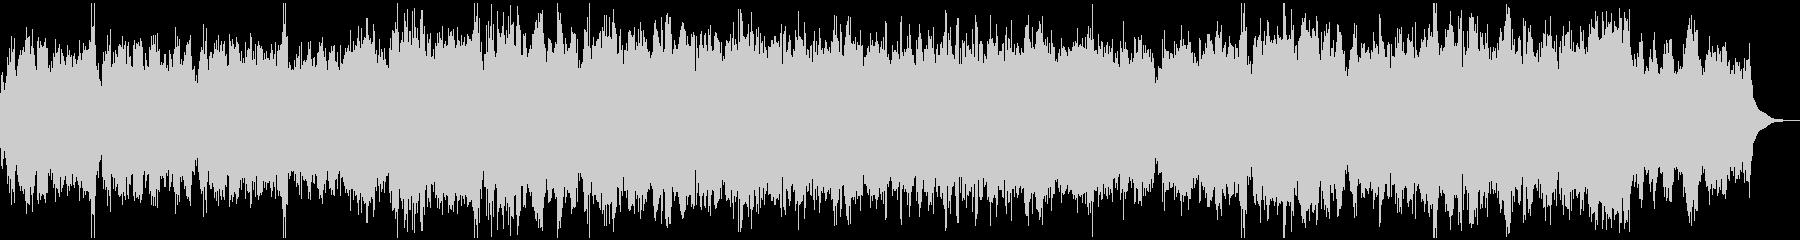 弦楽にオルガンと合唱を入れた大編成の曲の未再生の波形